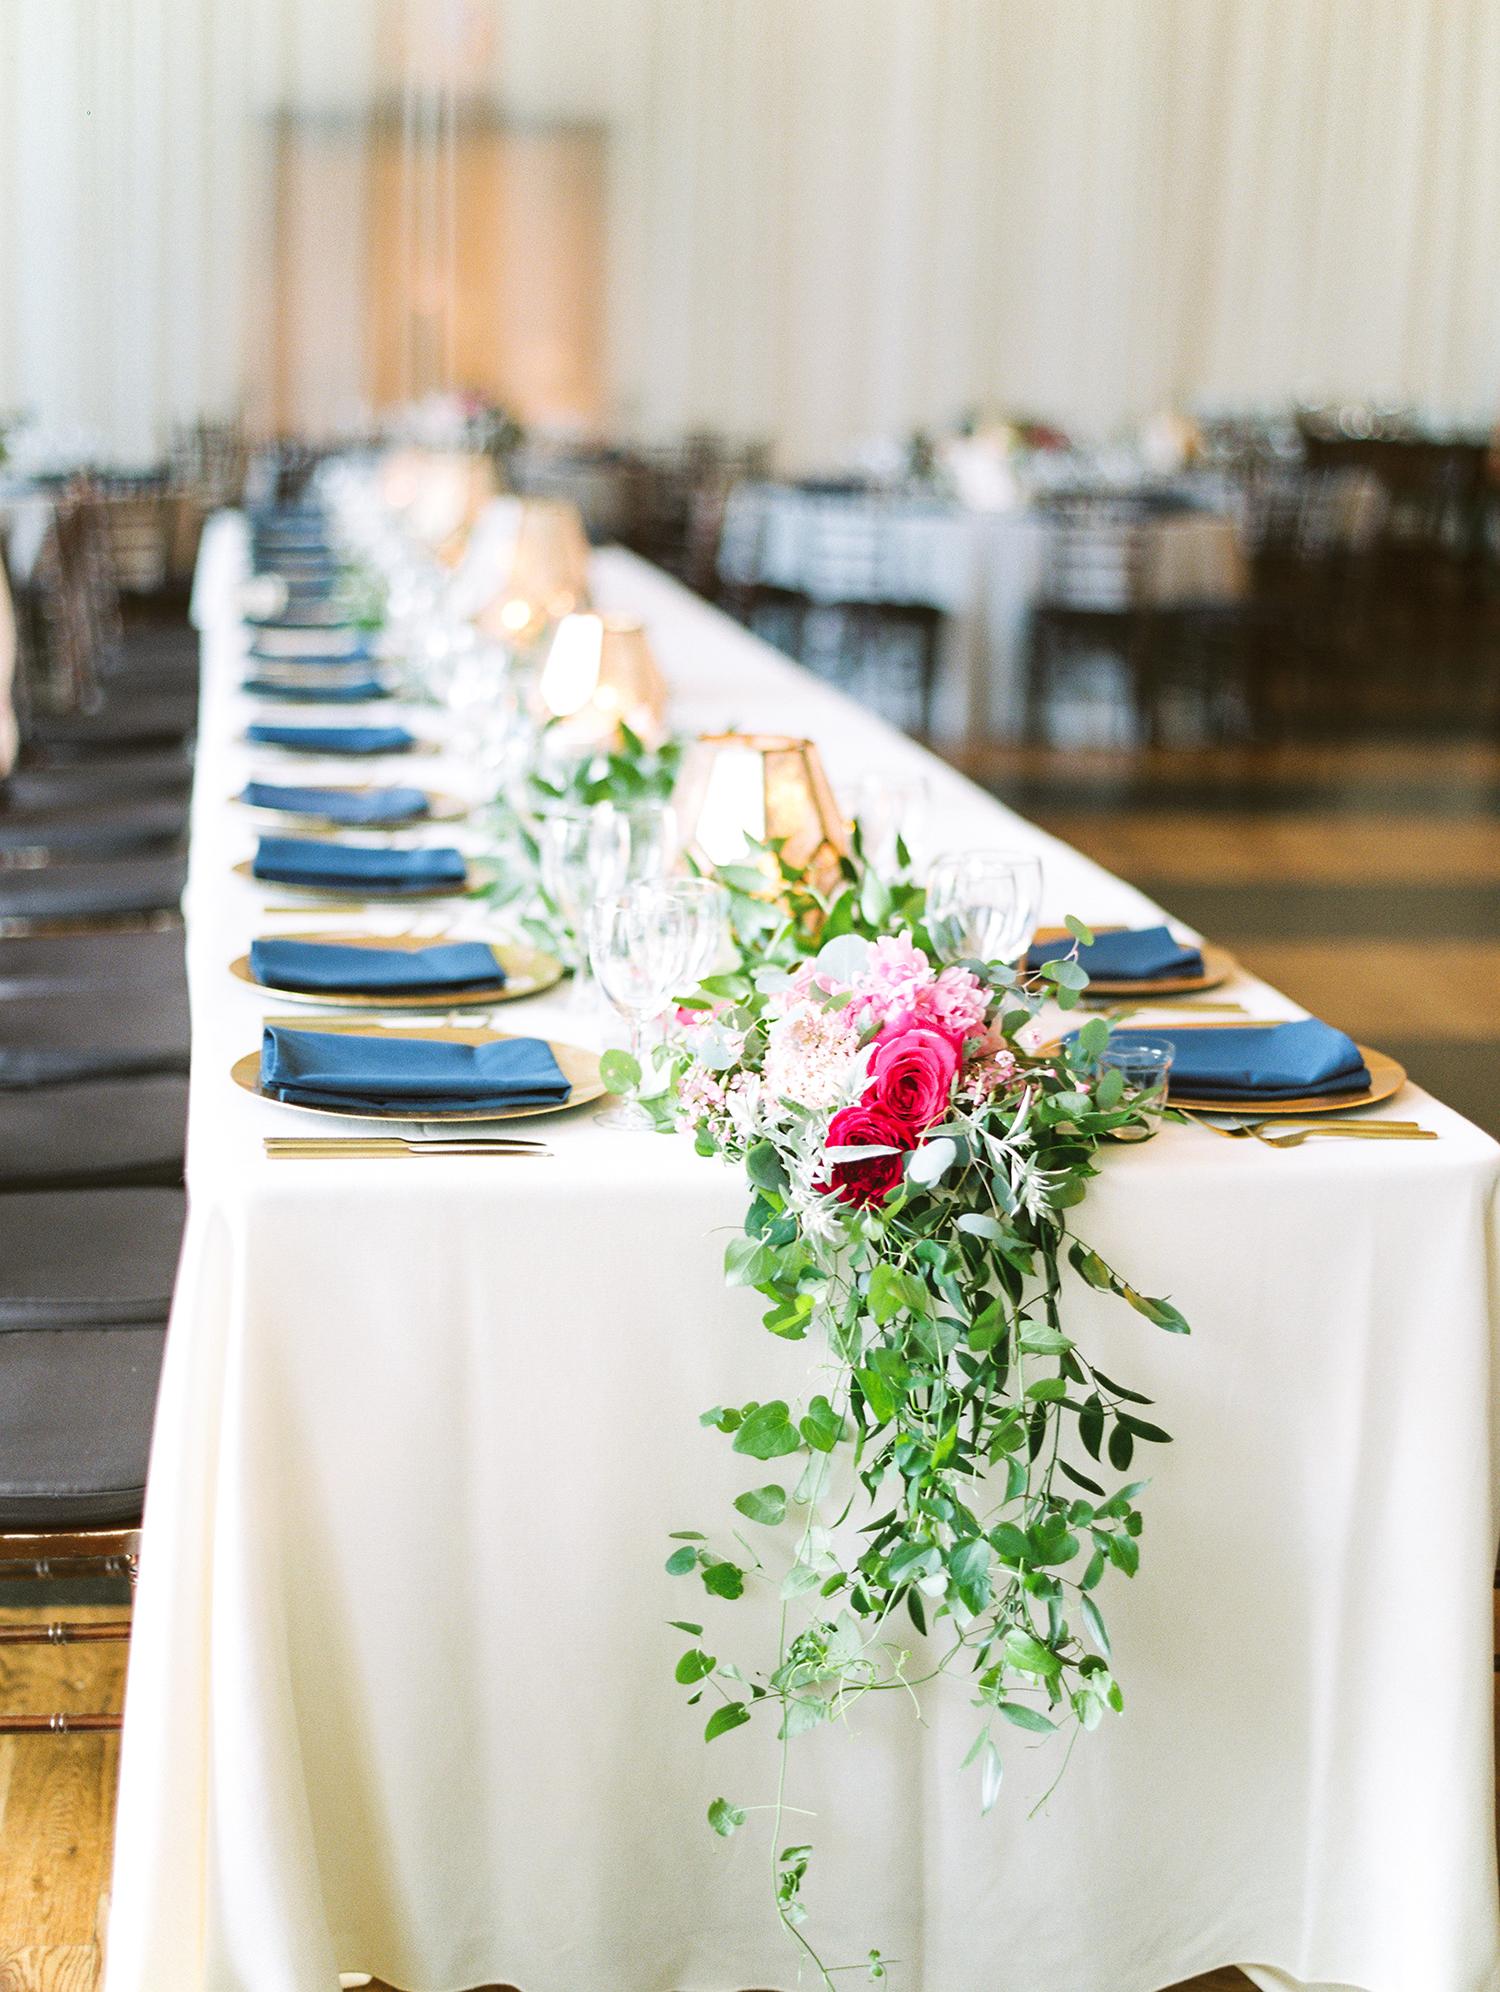 dawn rich wedding table setting